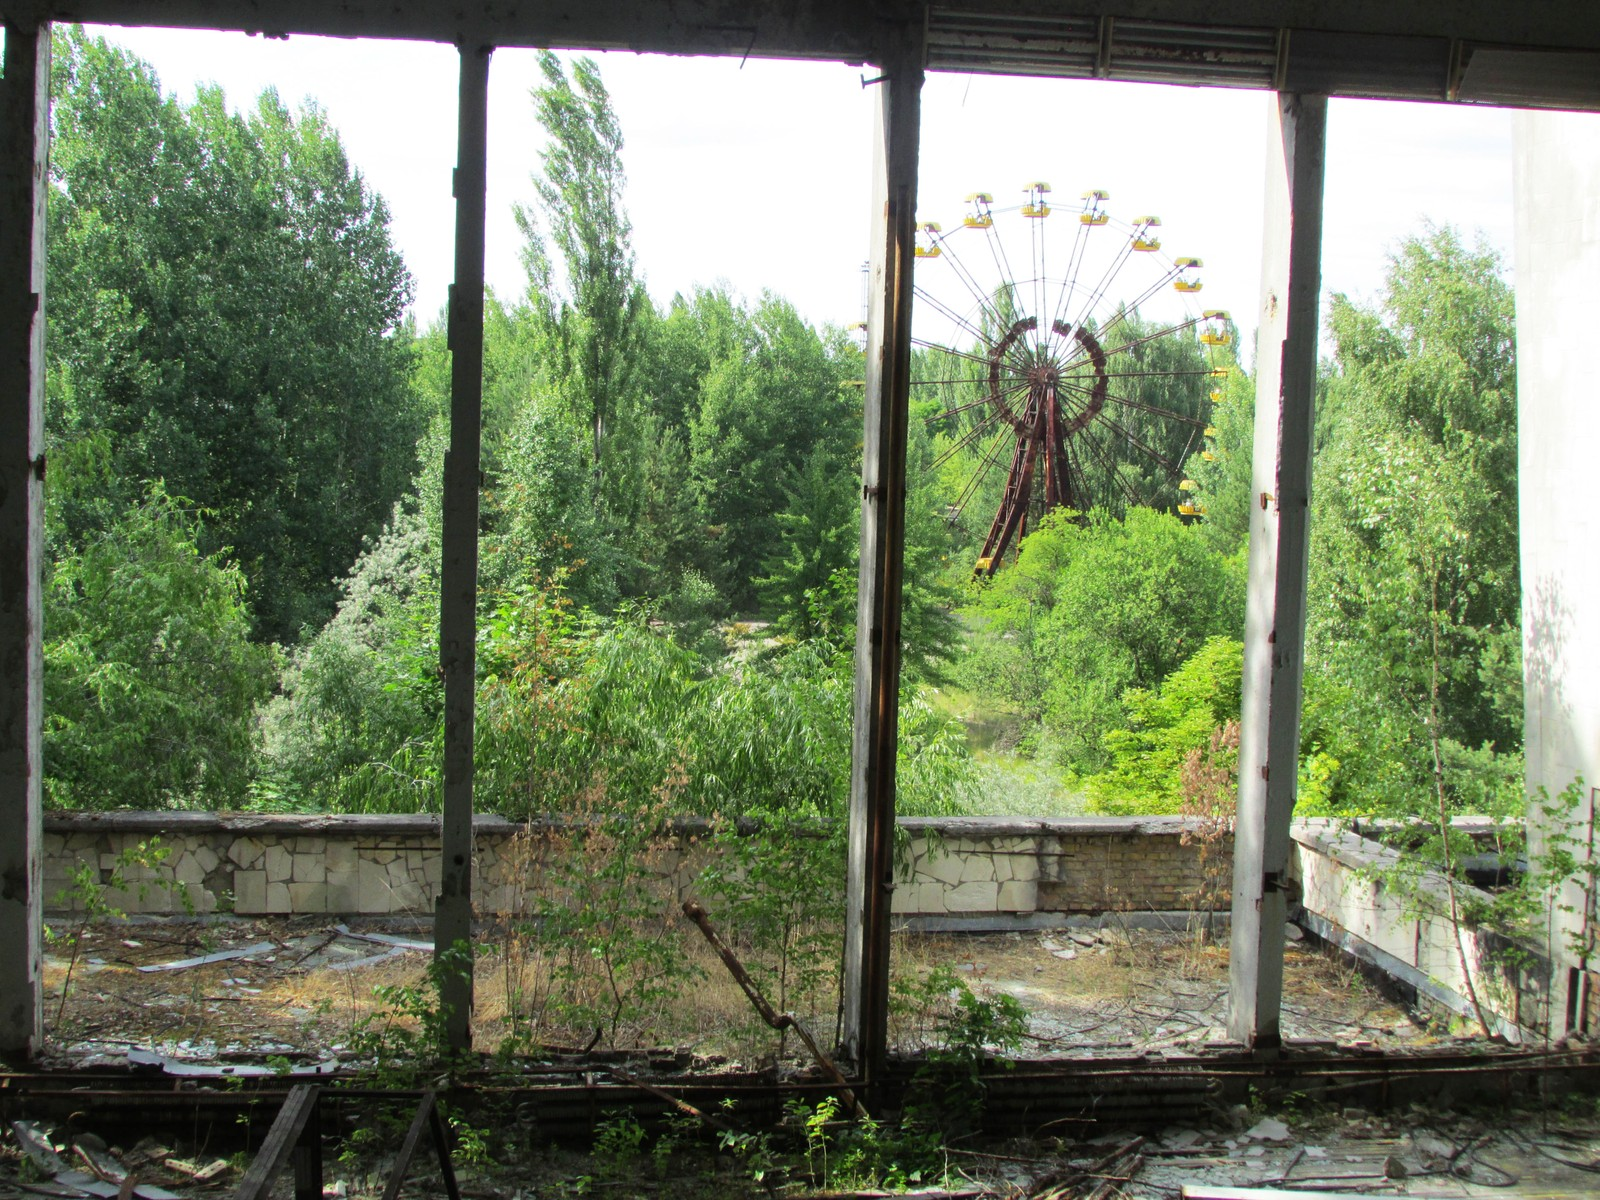 Et av de mest ikoniske bildene fra Pripyat er fra inne i idrettshallen der man gjennom de knuste vinduene ser bort mot pariserhjulet.